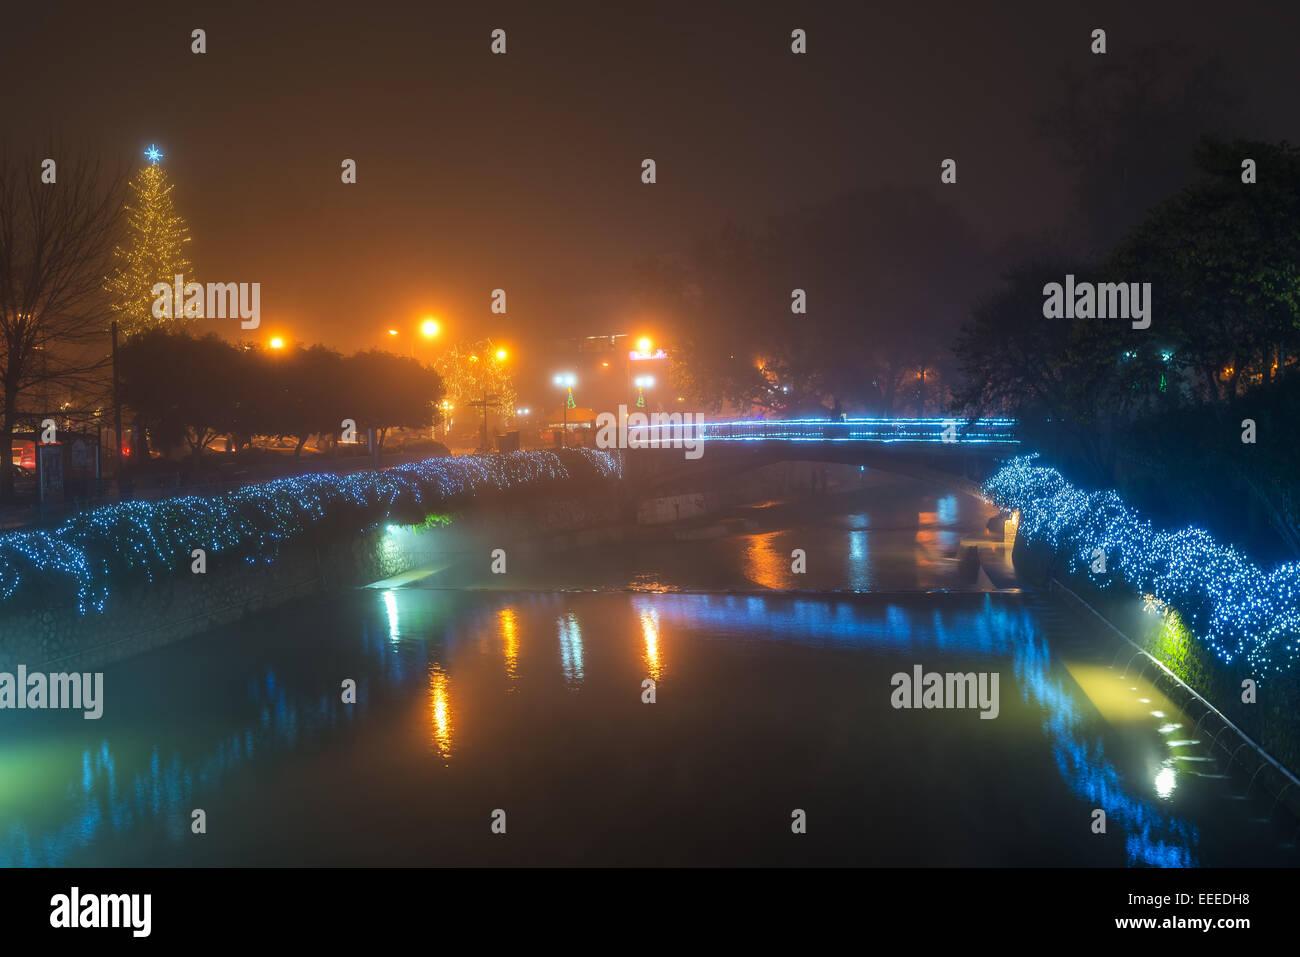 Trikala city with Christmas light and Litheos river - Stock Image